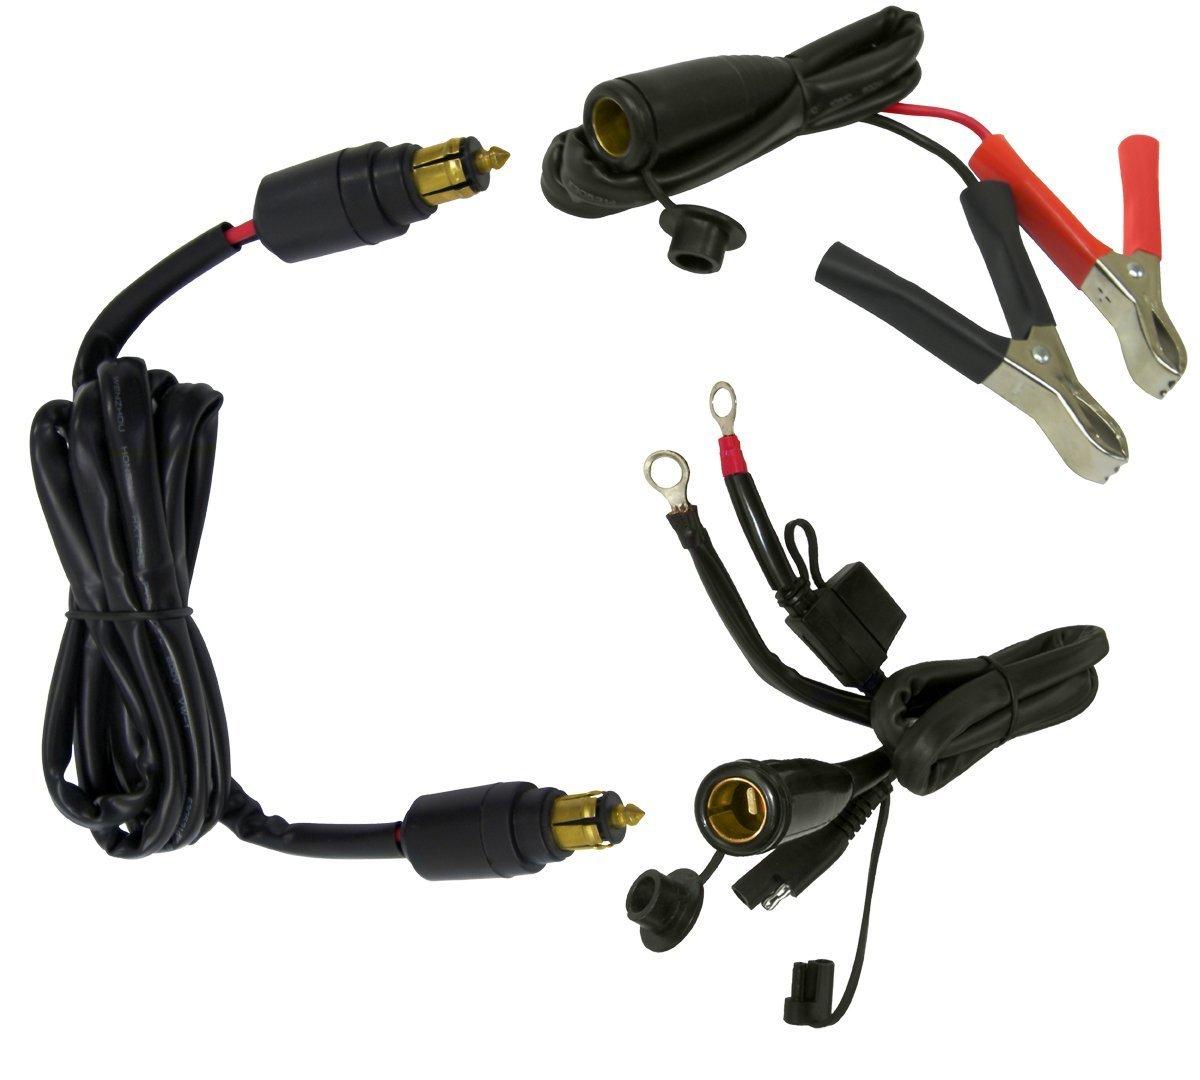 EKLIPES EK1-115 Black Universal Bike-2-Bike Jump Start Kit